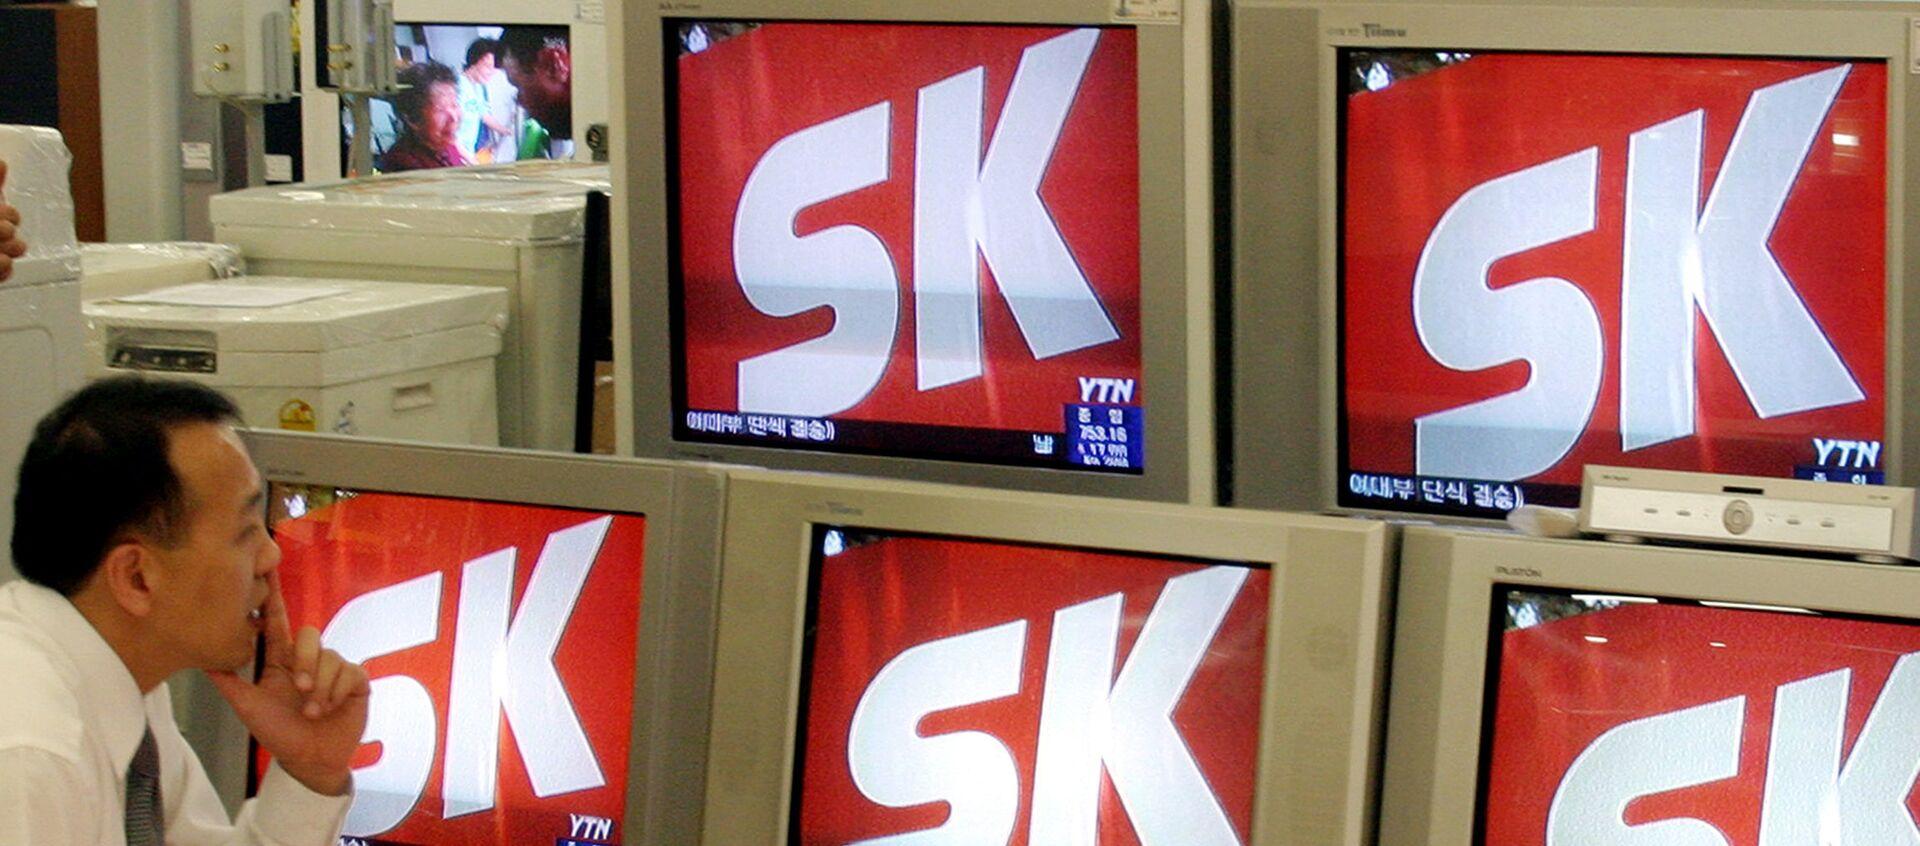 Un homme regarde les informations télévisées montrant le logo de SK Group, à Seoul, AFP PHOTO/KIM JAE-HWAN (Photo by KIM JAE-HWAN / AFP) - Sputnik France, 1920, 02.02.2021